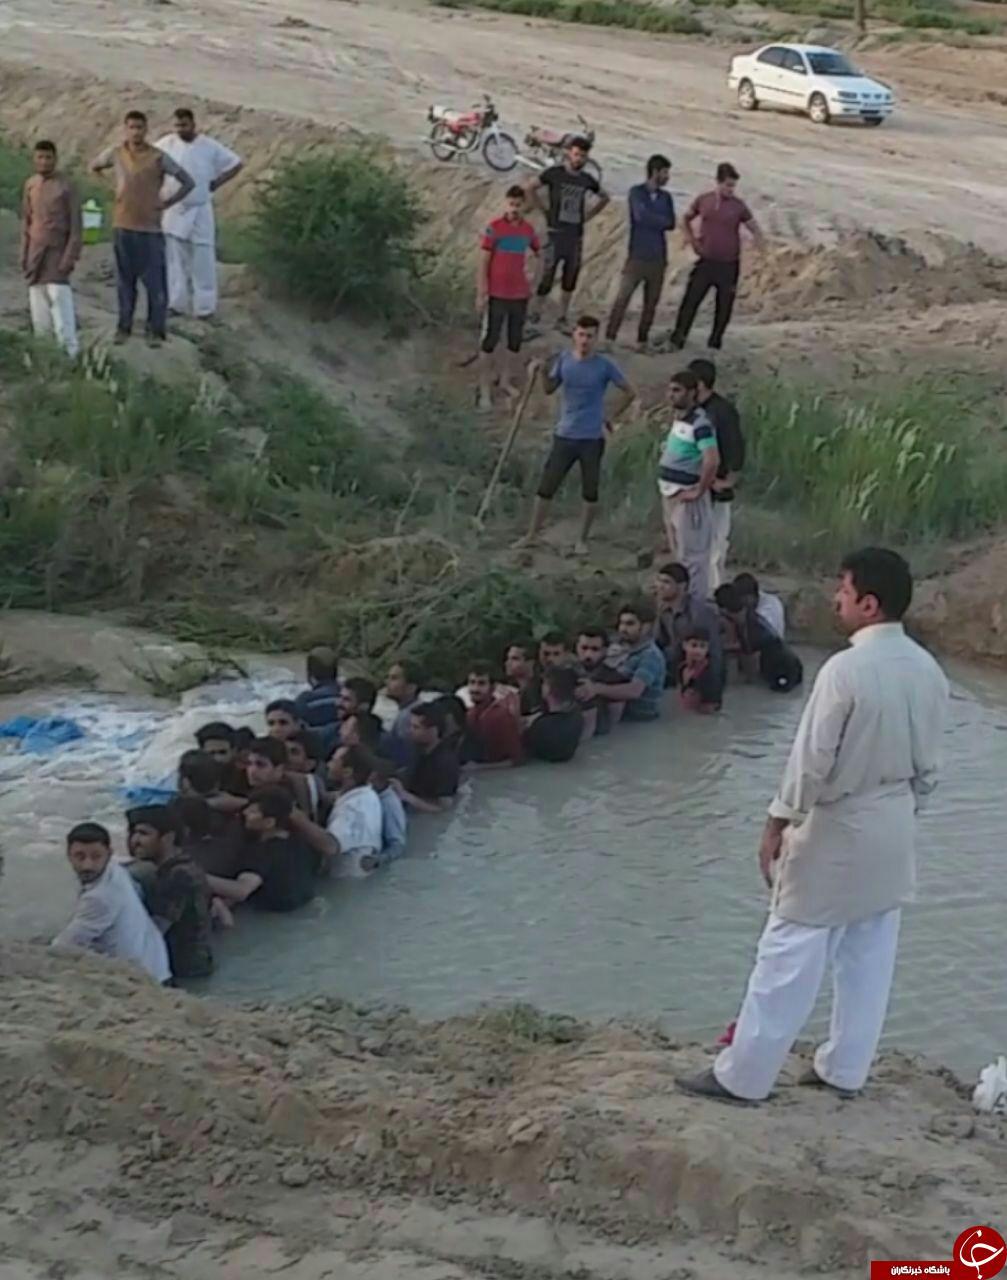 آخرین اخبار از مناطق سیلزده دوشنبه ۲۶ فروردین ماه/جاده پلدختر - اندیمشک مسدود شد+فیلم و تصاویر